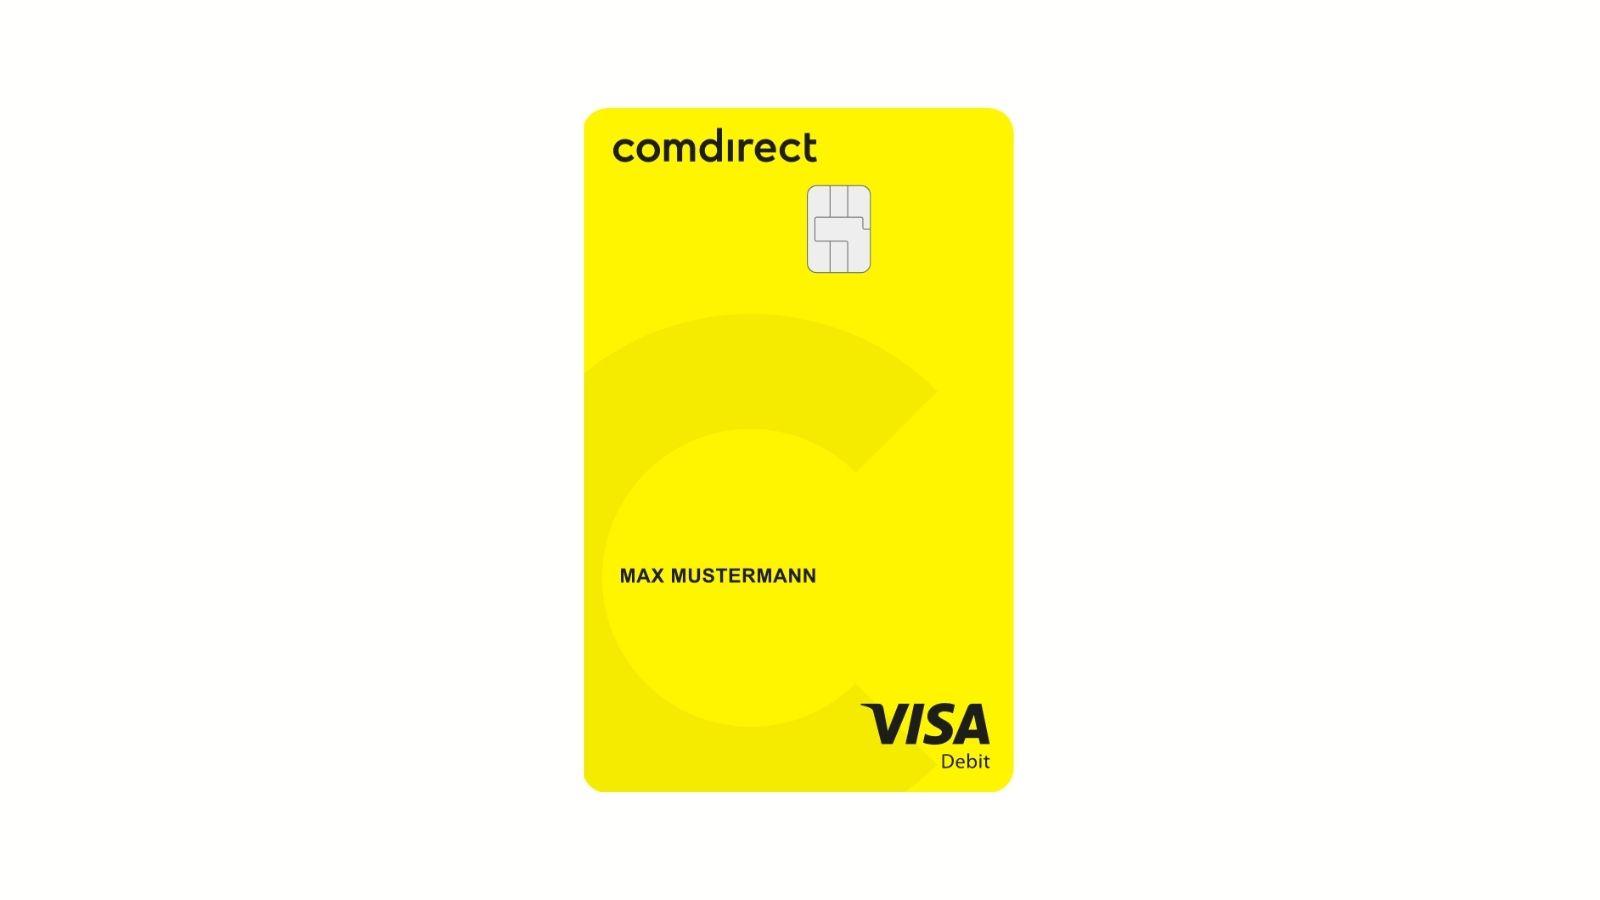 comdirect startet mit der Ausgabe von Visa Debitkarten undefined